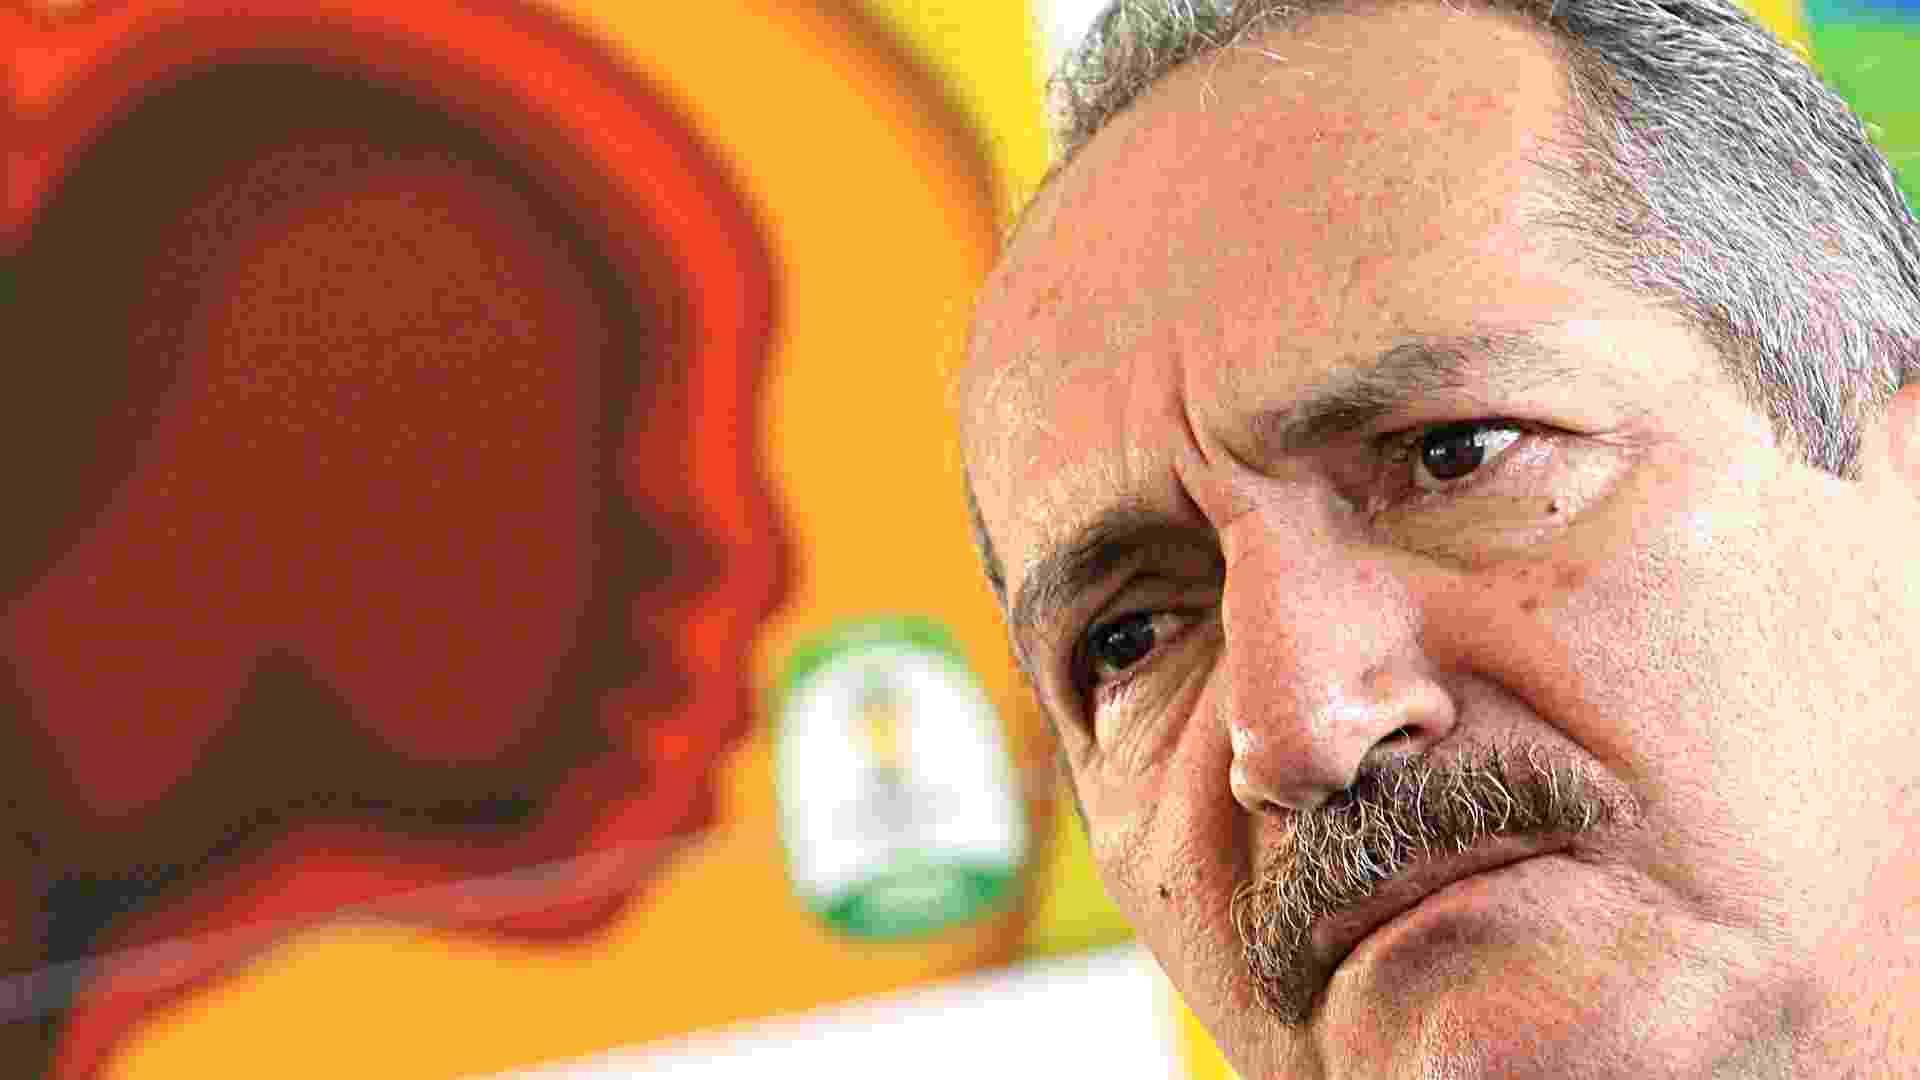 14.jun.2013 Ministro Aldo Rebelo concede entrevista exclusiva ao UOL - Júlio César Guimarães/UOL